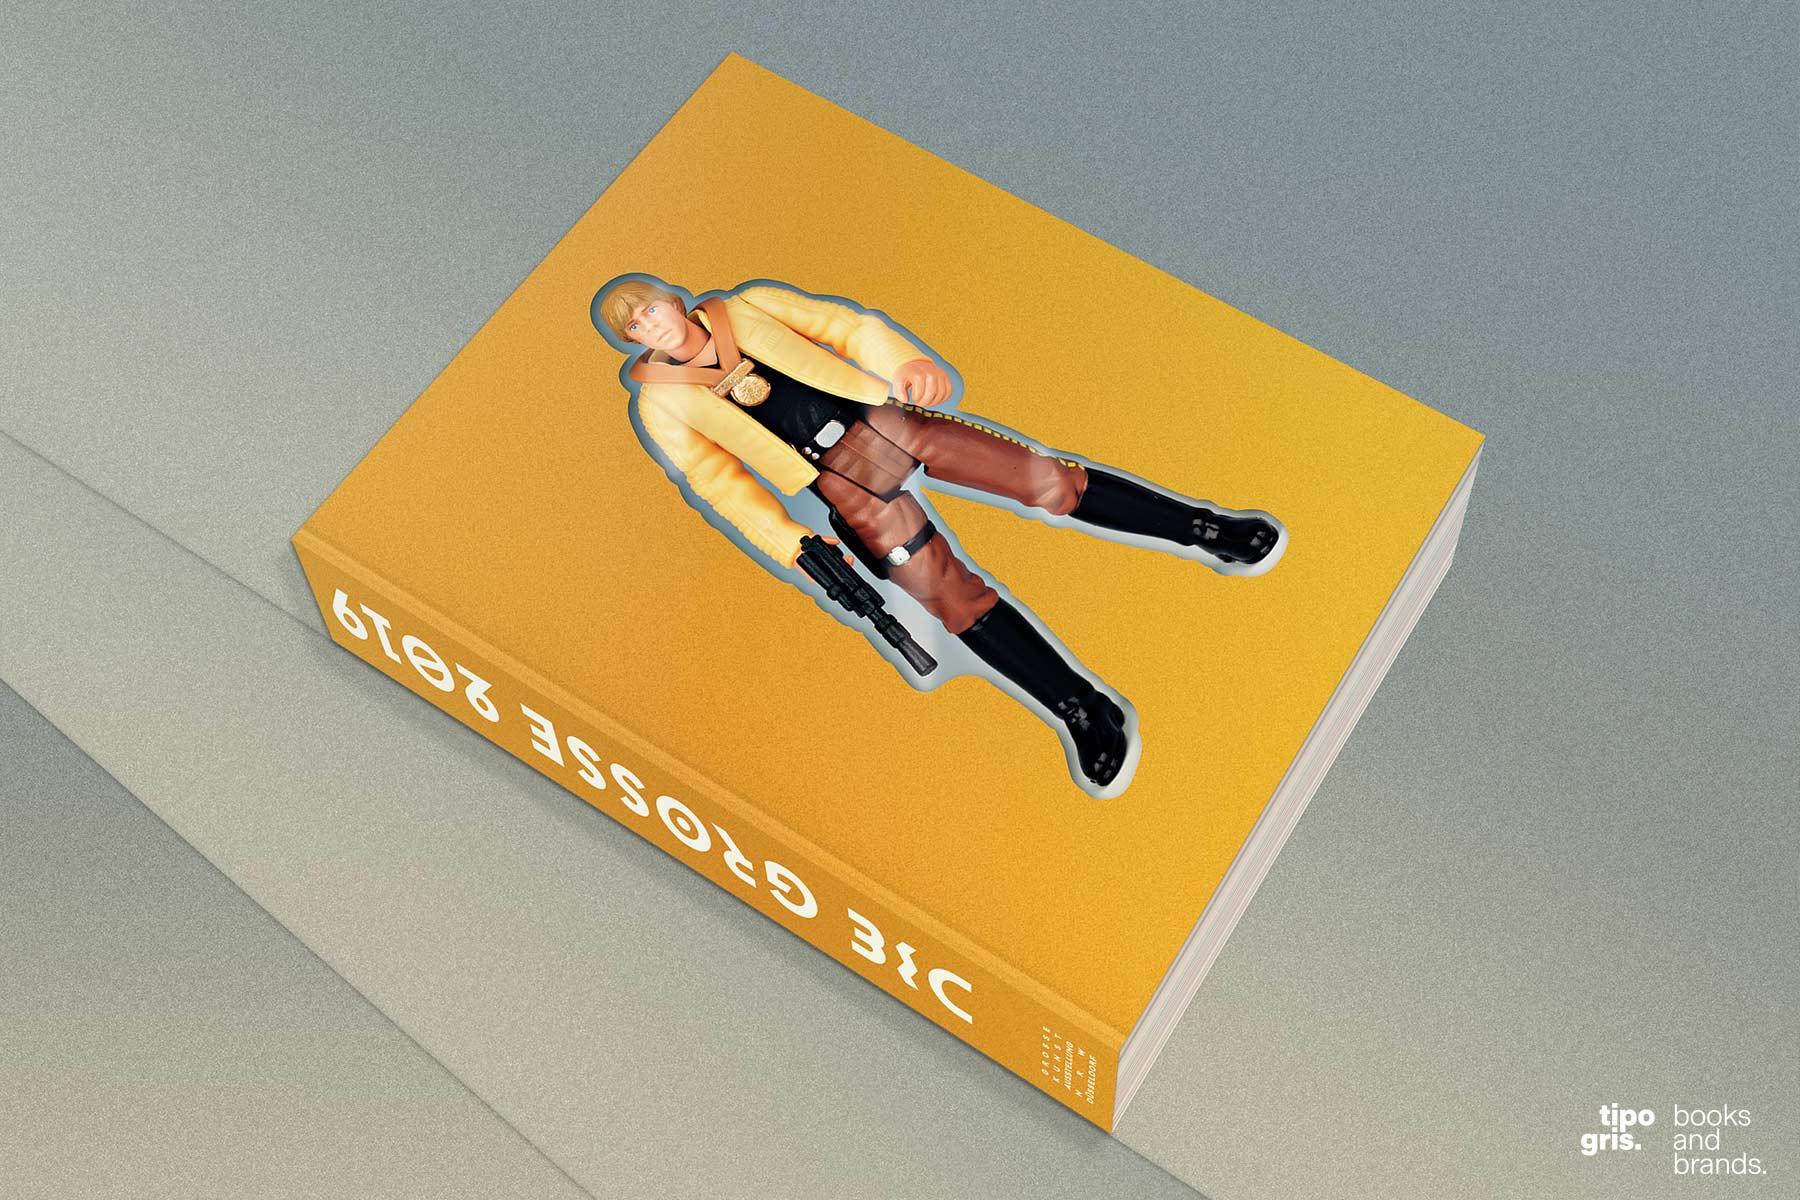 DIE GROSSE 2019. Gesamtgestaltung: Johannes López Ayala / Tipogris Books and Brands. Katalogaußenansicht – das Buch wurde wie eine Spielzeugverpackung gestaltet.